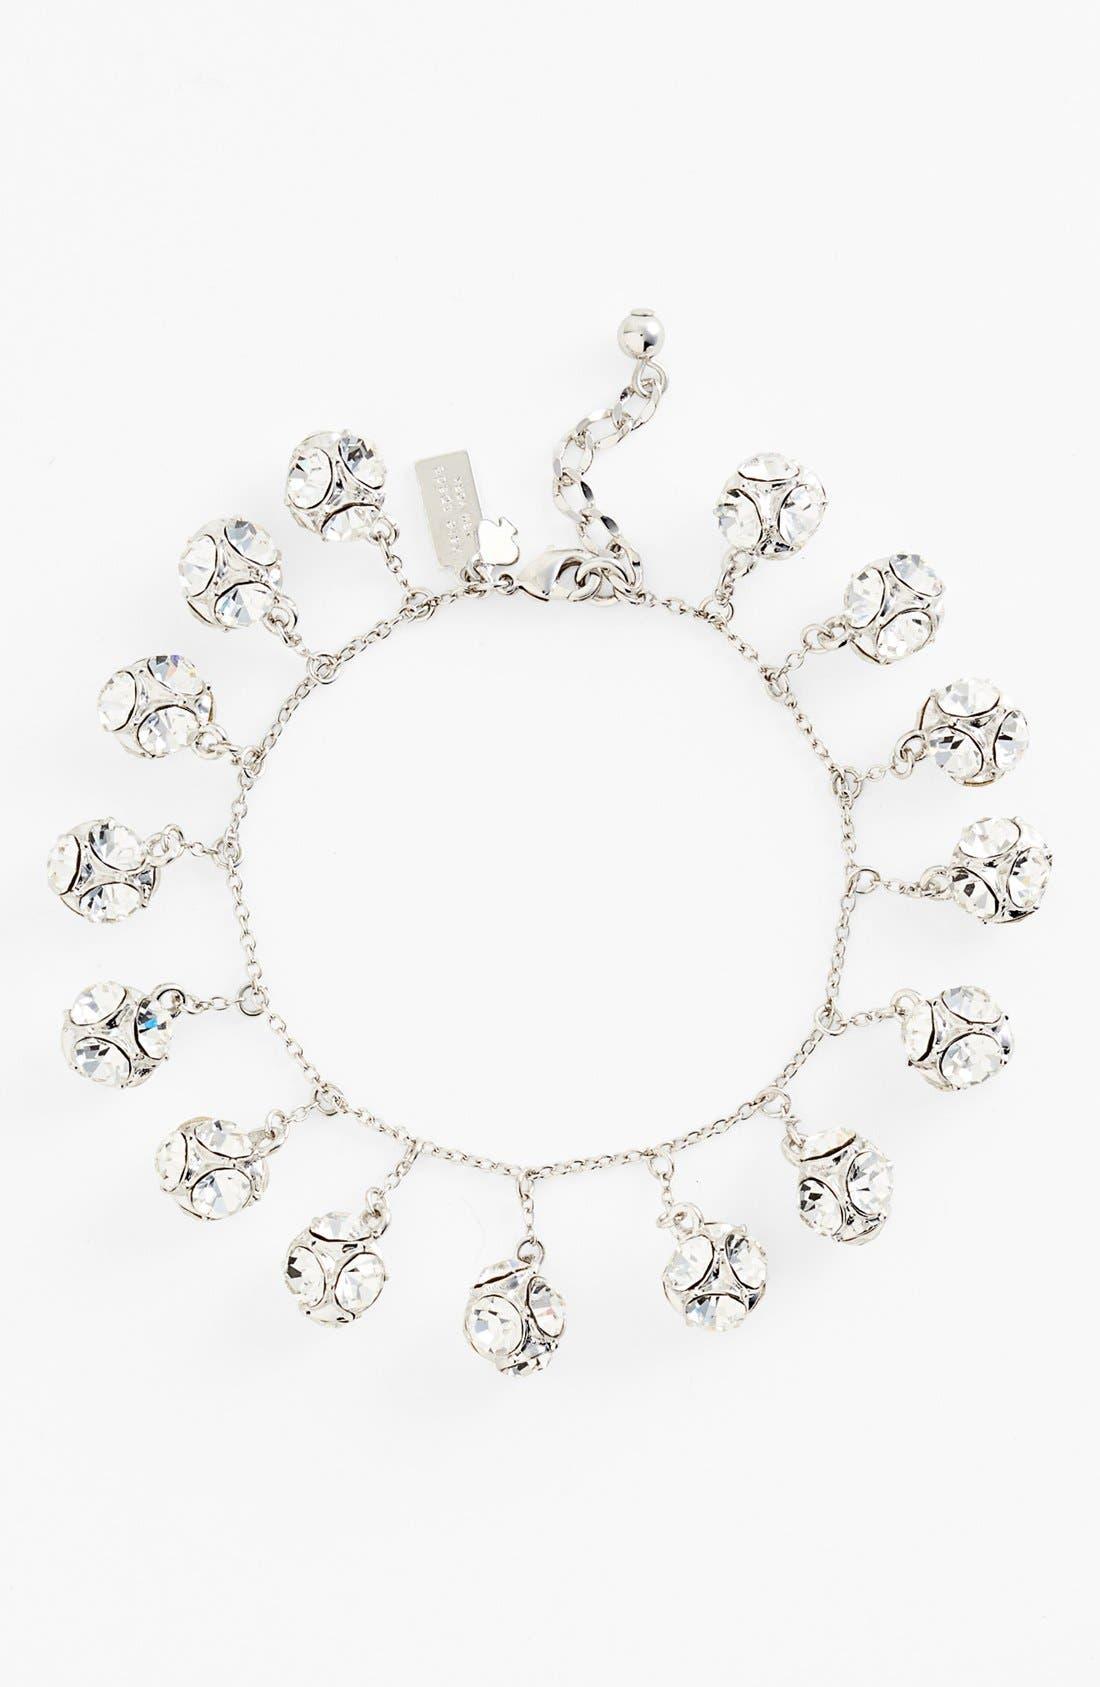 KATE SPADE NEW YORK,                             mini charm bracelet,                             Main thumbnail 1, color,                             040